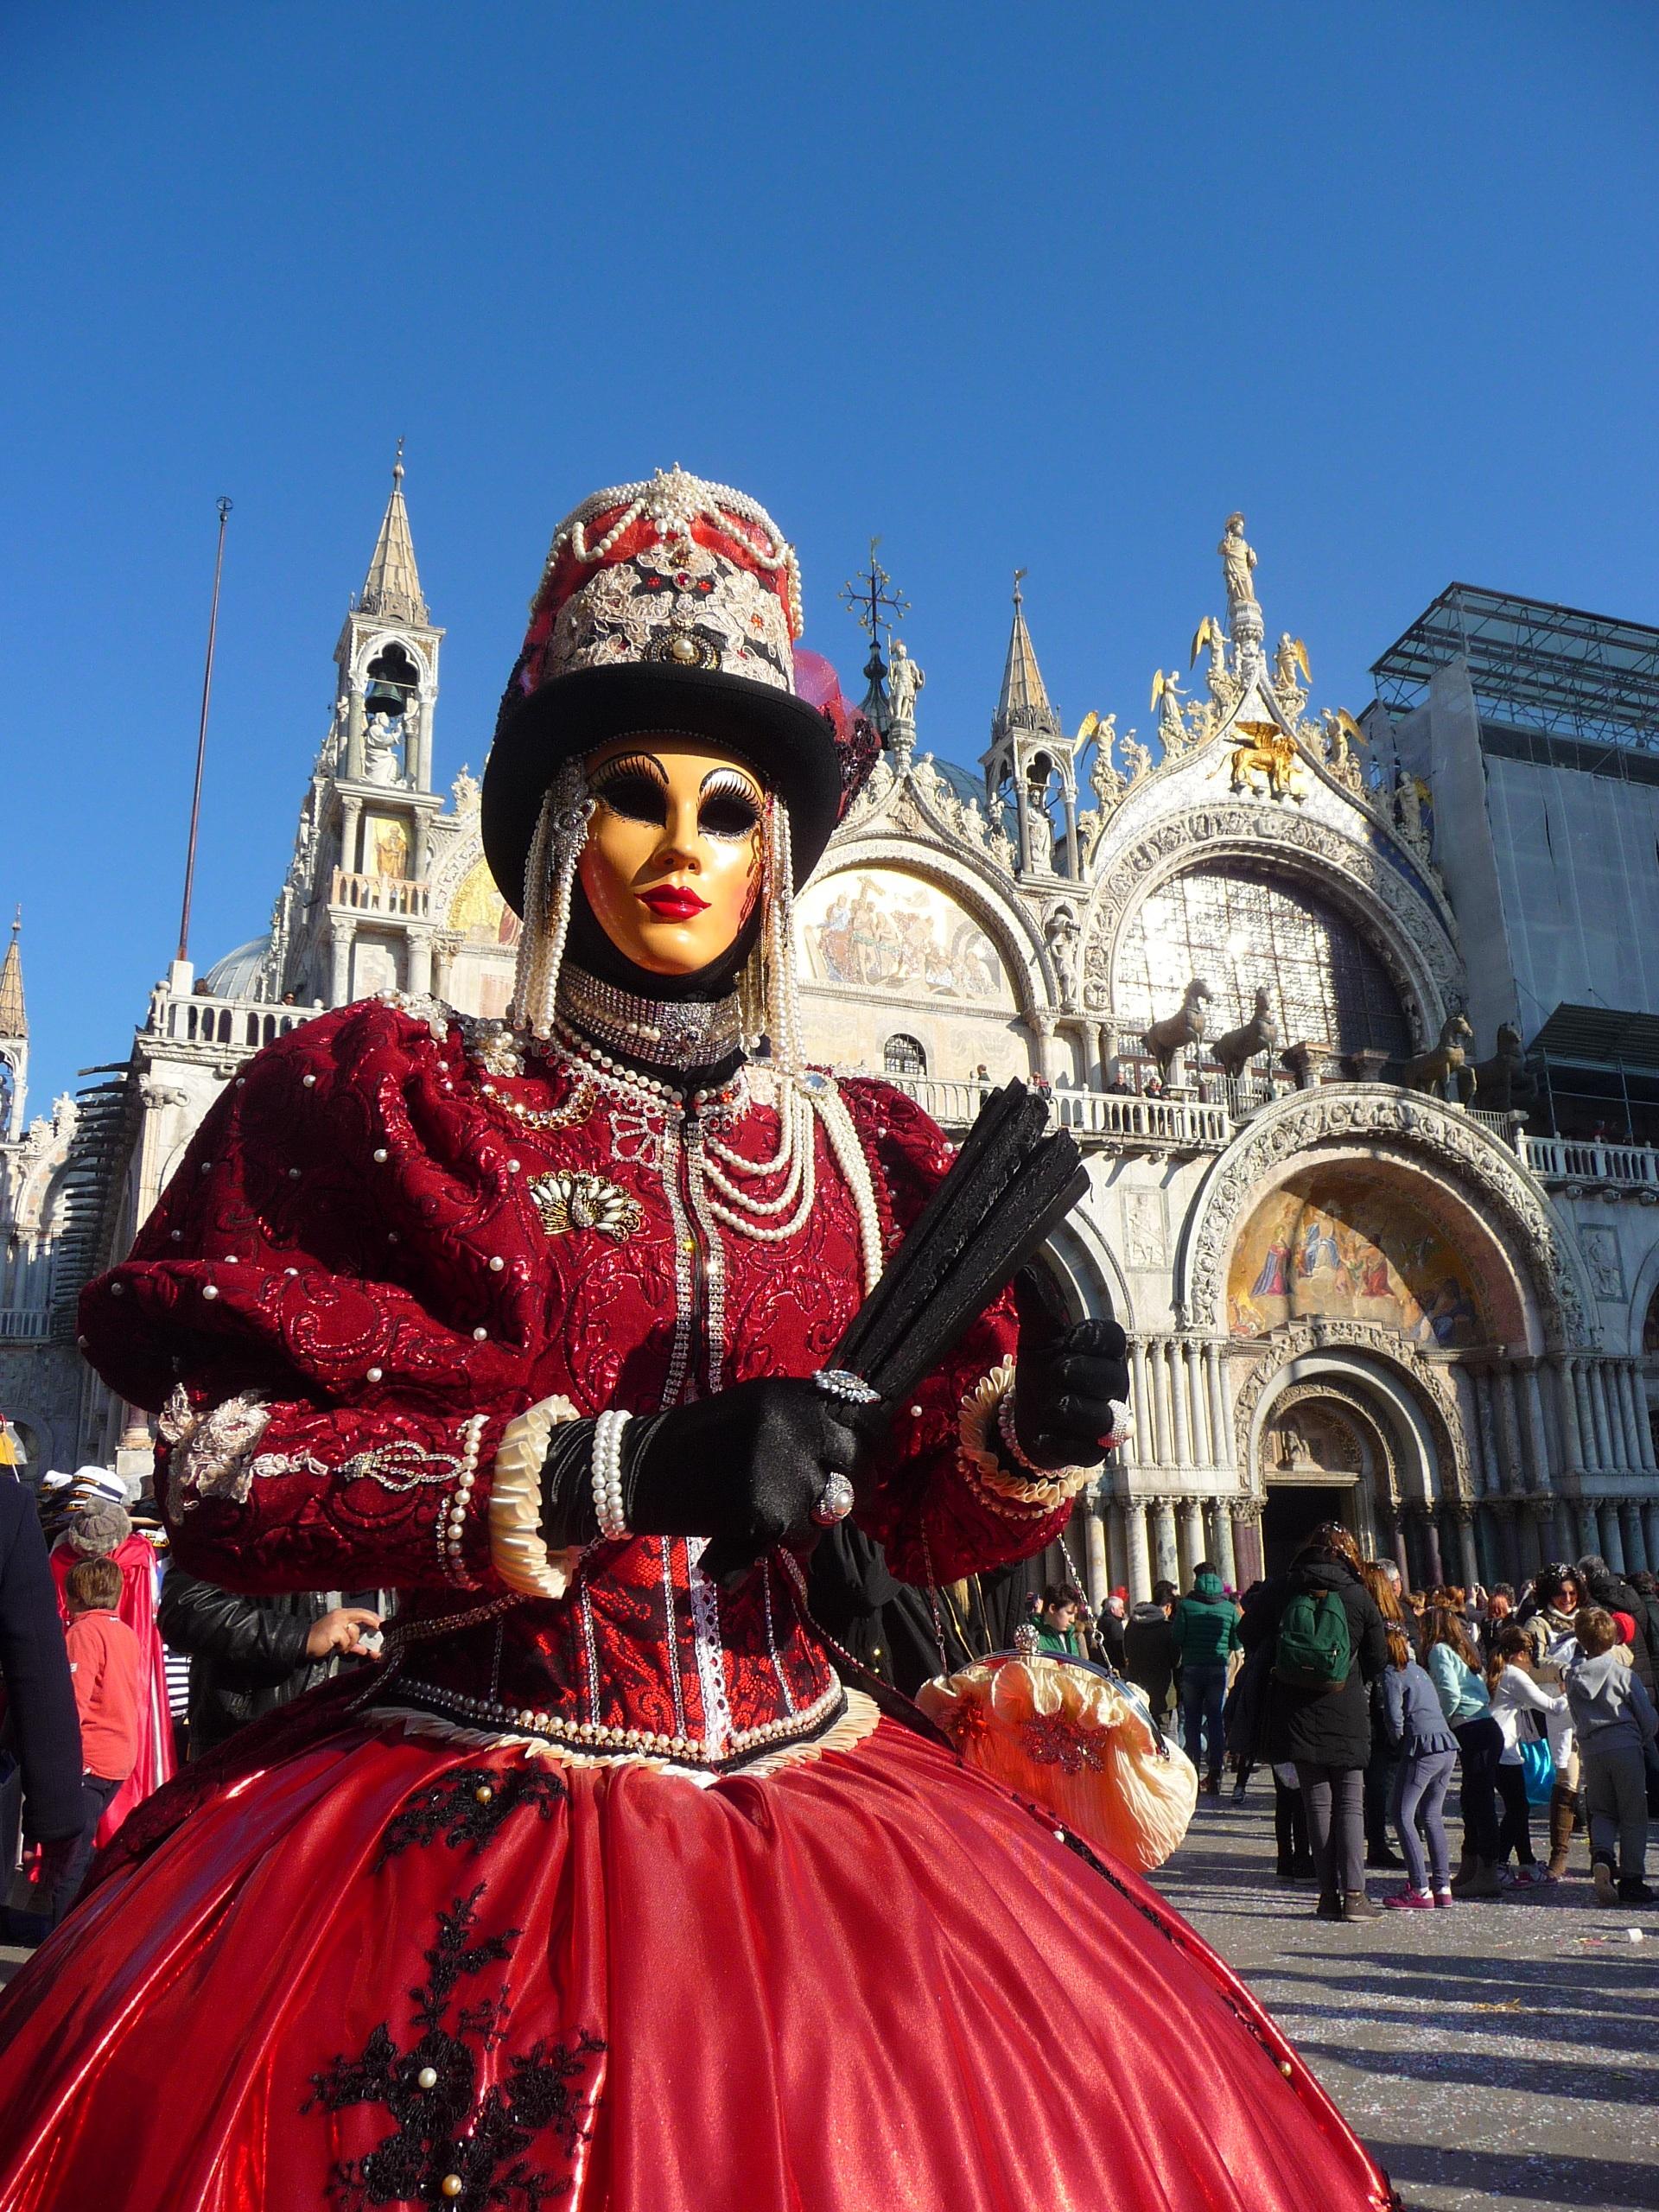 kostenlose foto rot italien festival maske verkleidung event tradition kost m karneval. Black Bedroom Furniture Sets. Home Design Ideas